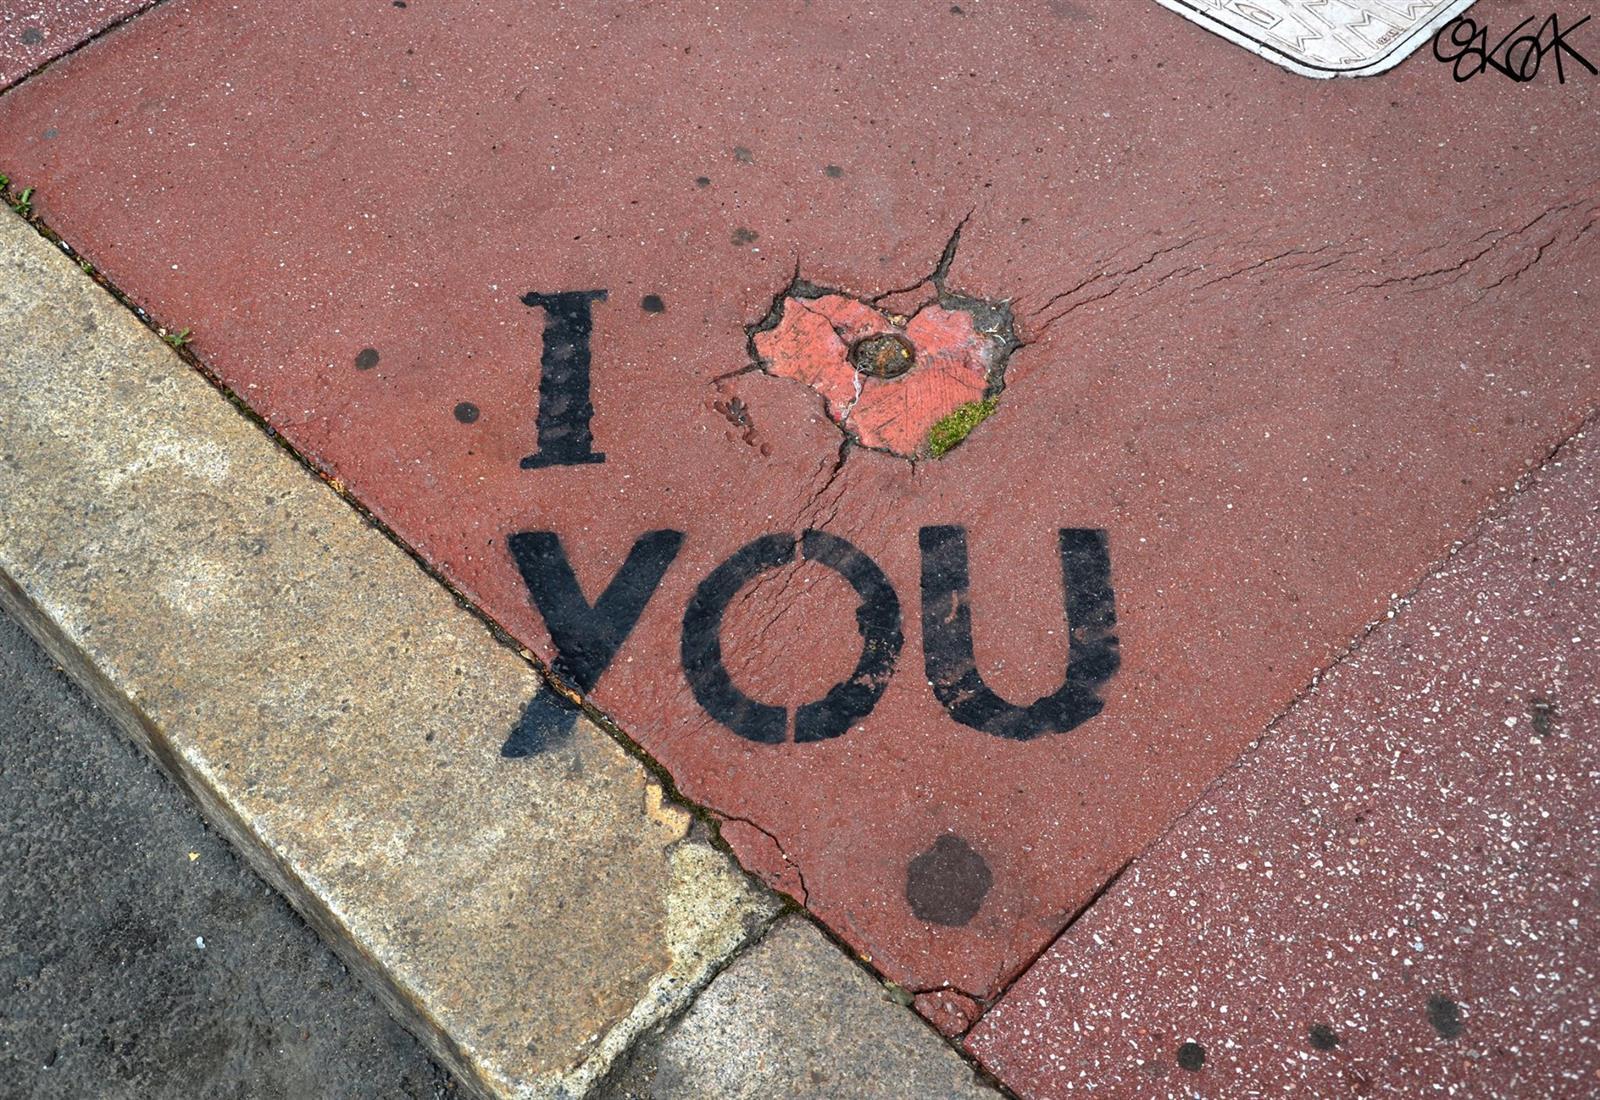 Street Art By Oakoak (16)